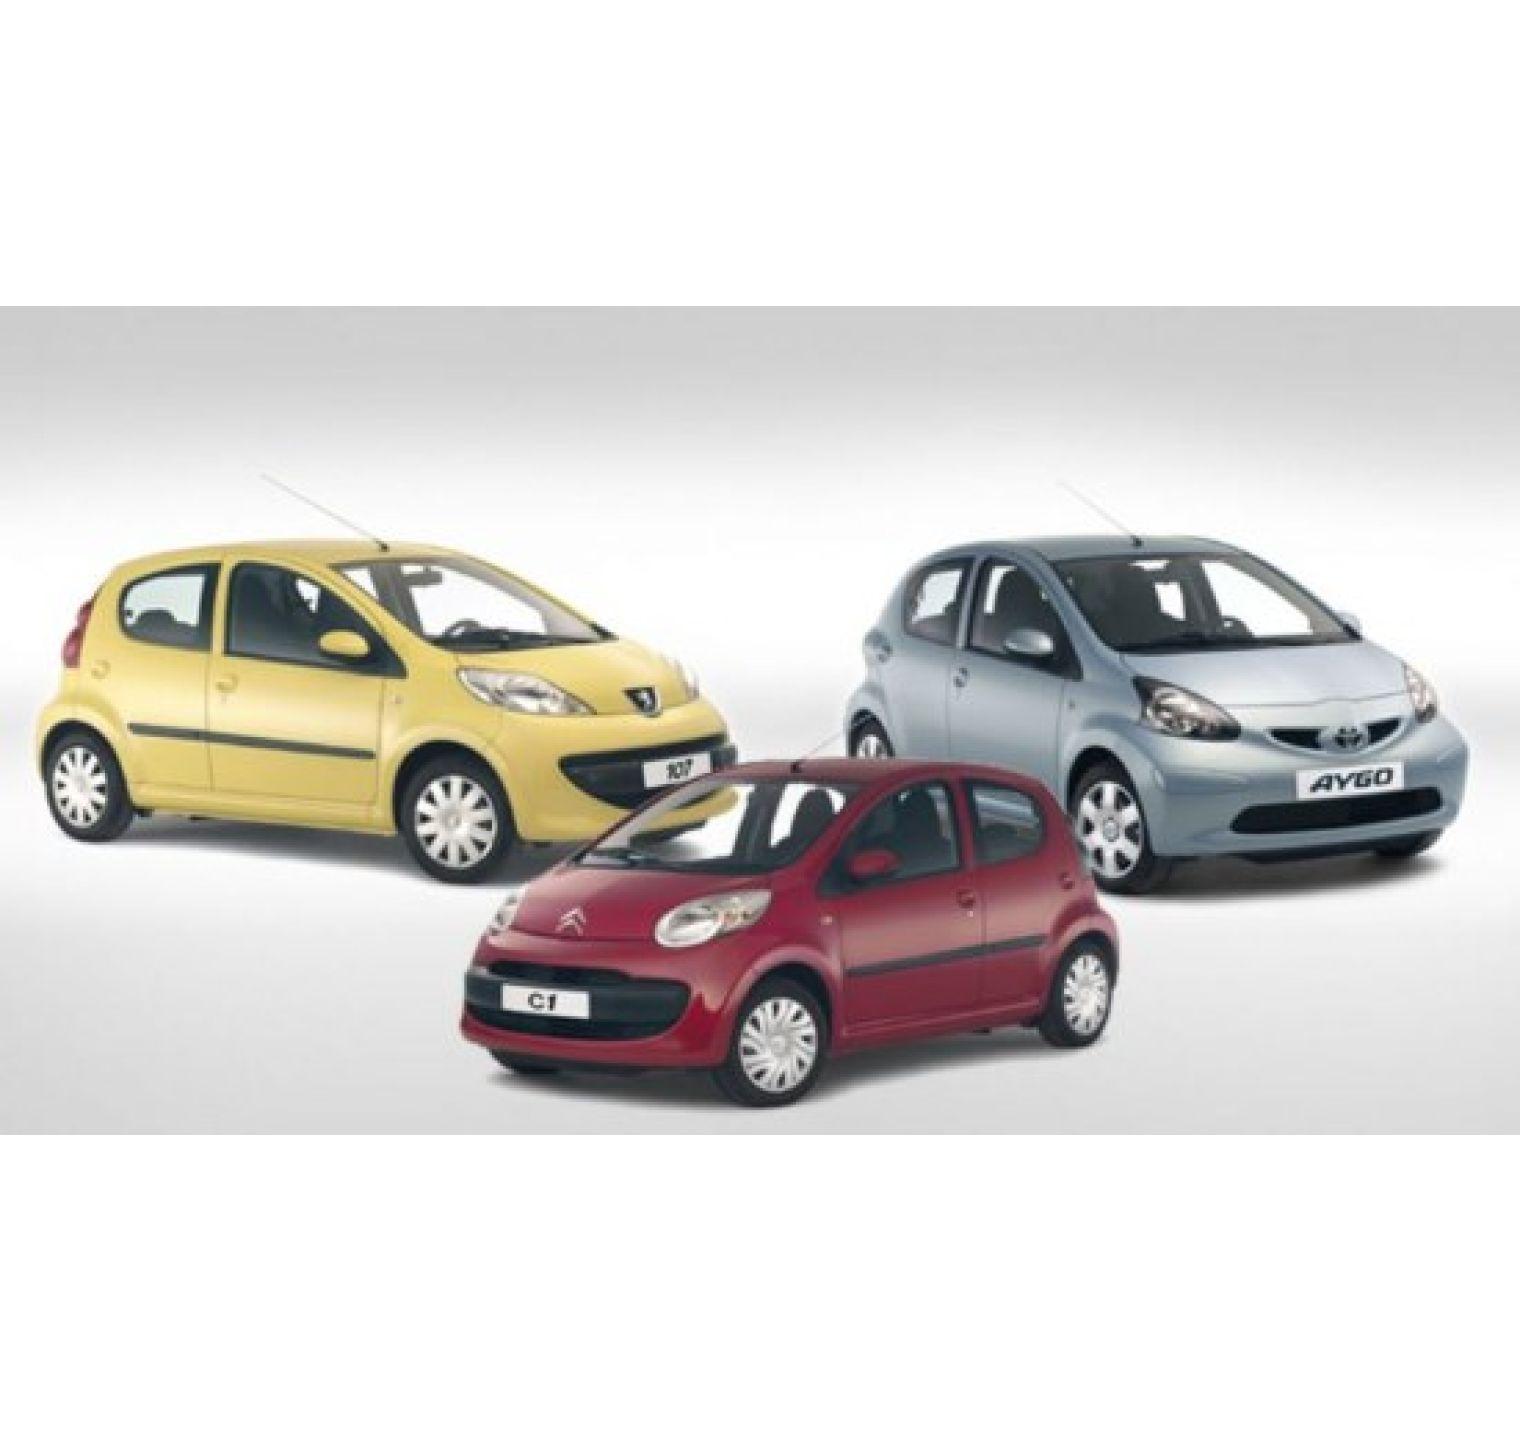 Set aanbieding - alle onderdelen grote beurt voor Peugeot 107 / Citroën C1 / Toyota Aygo